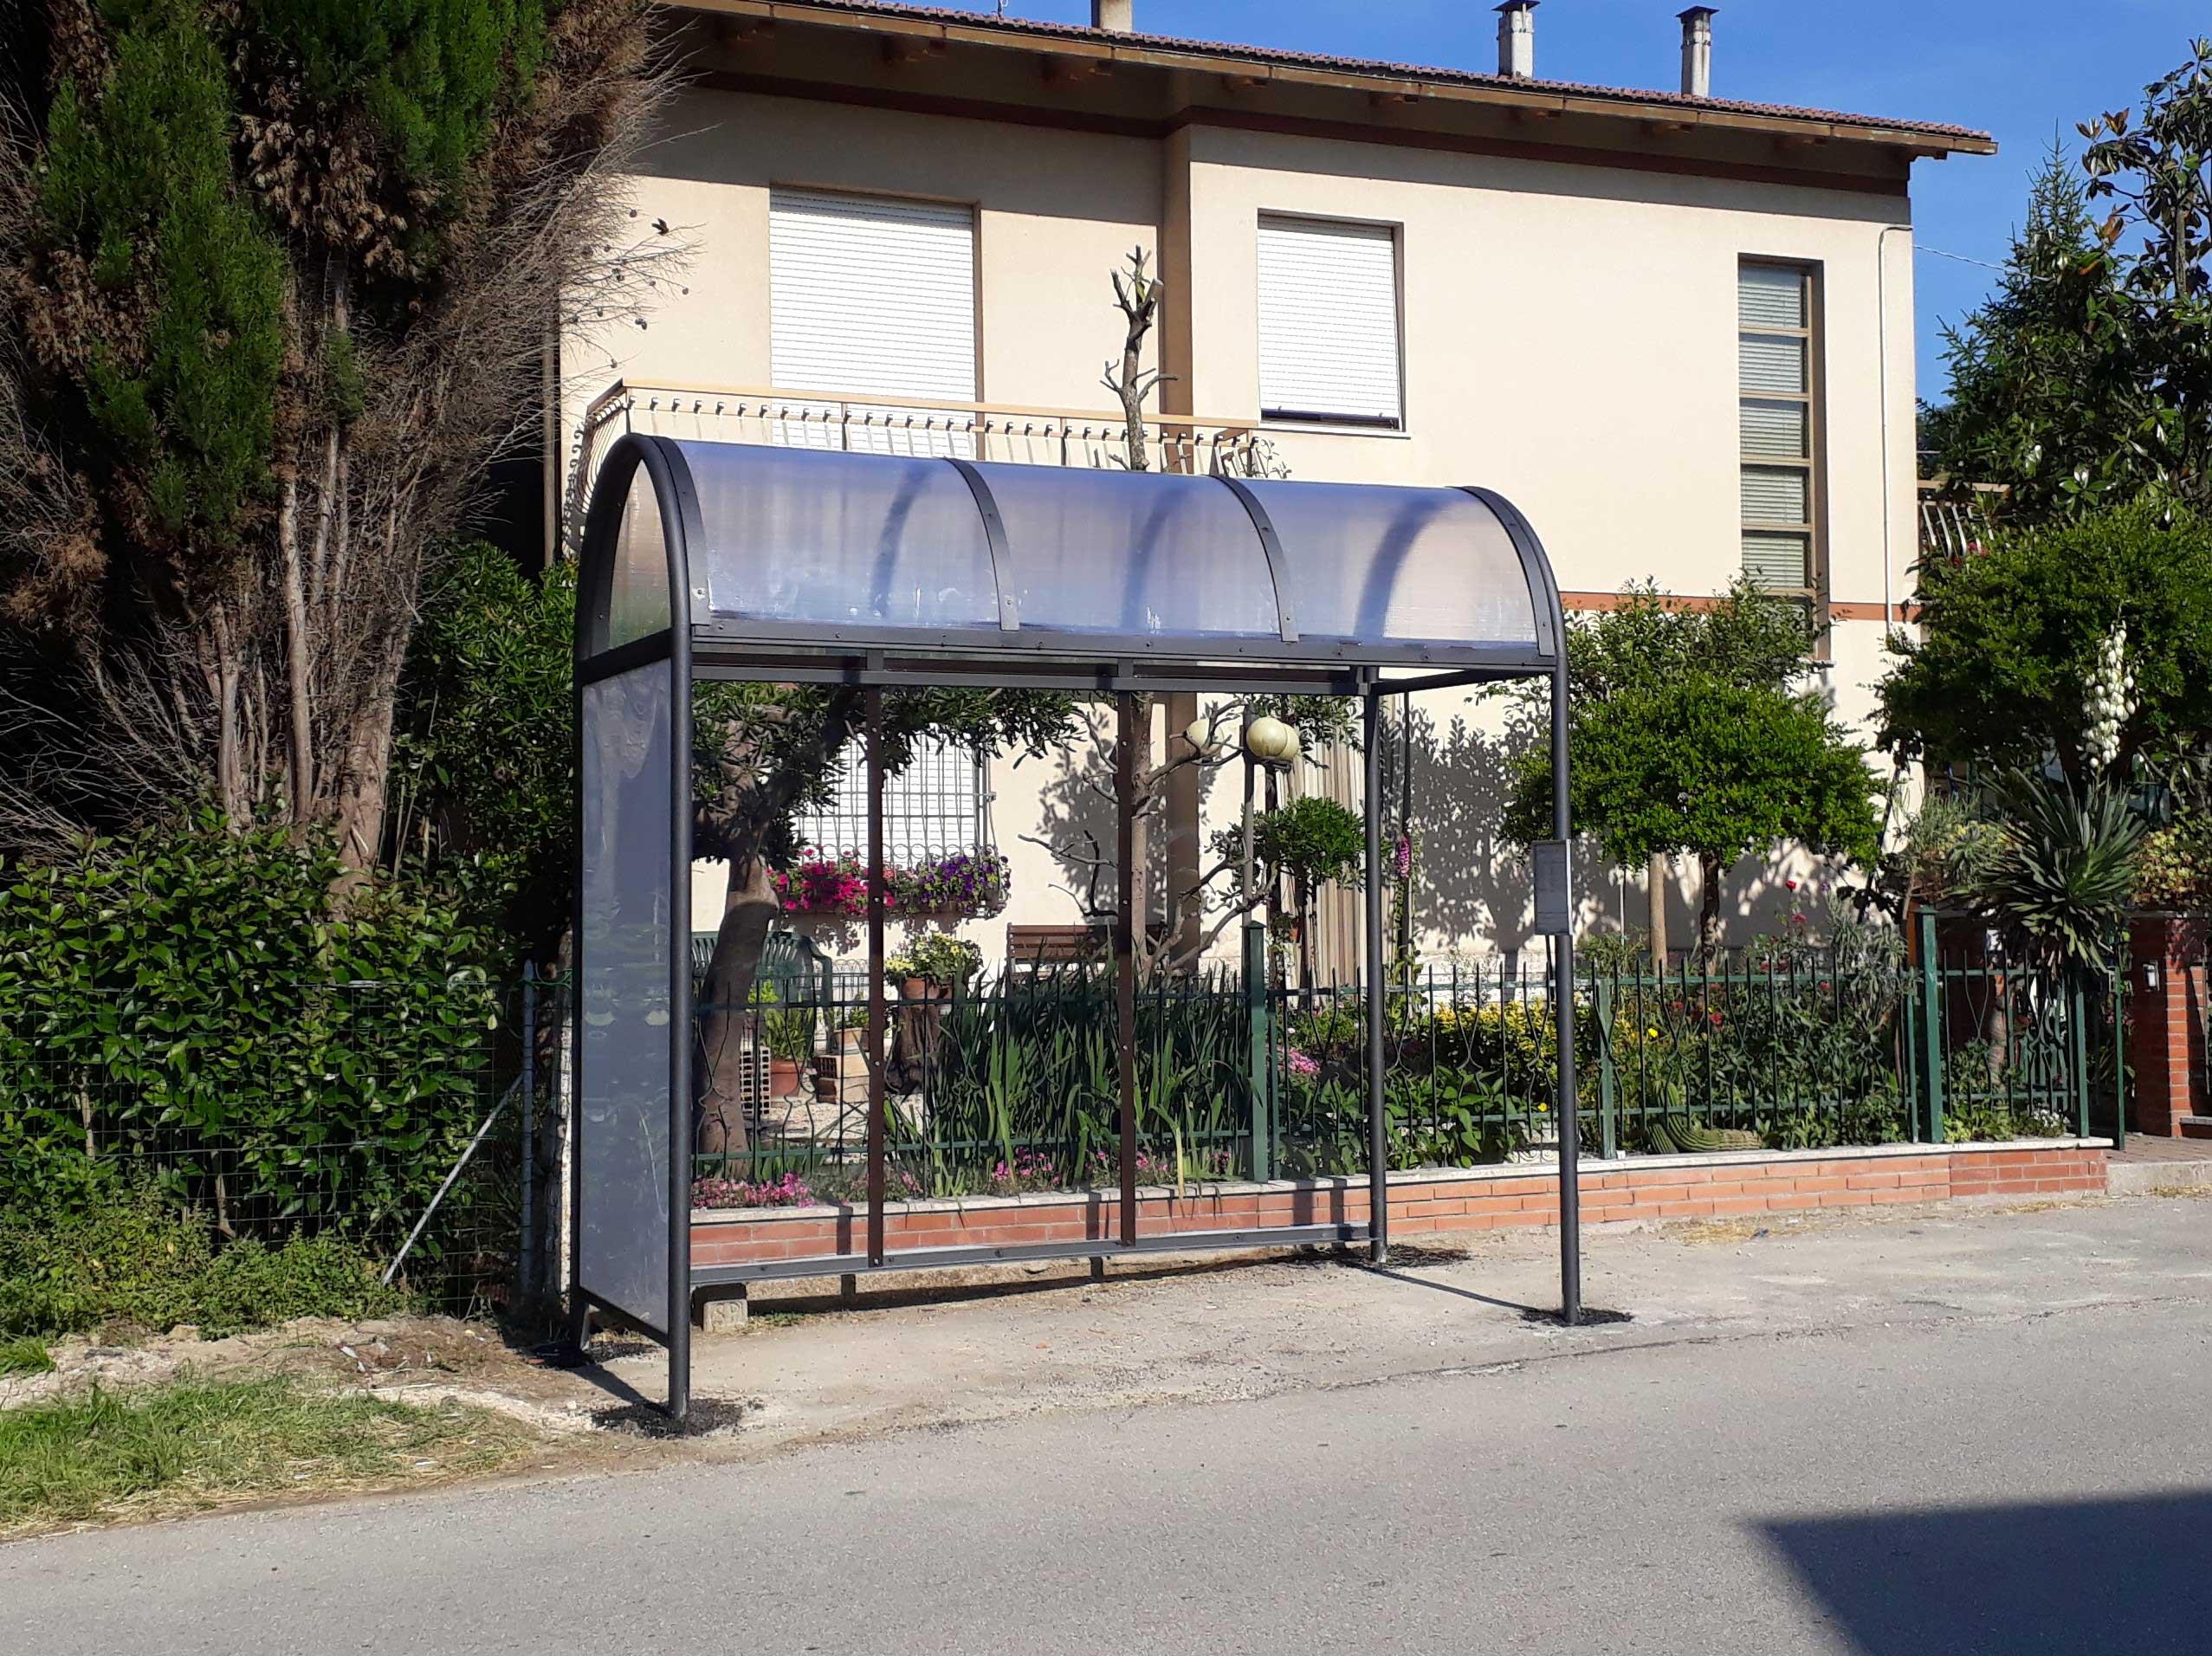 Ripristino arredo urbano post incidente Montelupone (Macerata) - dopo